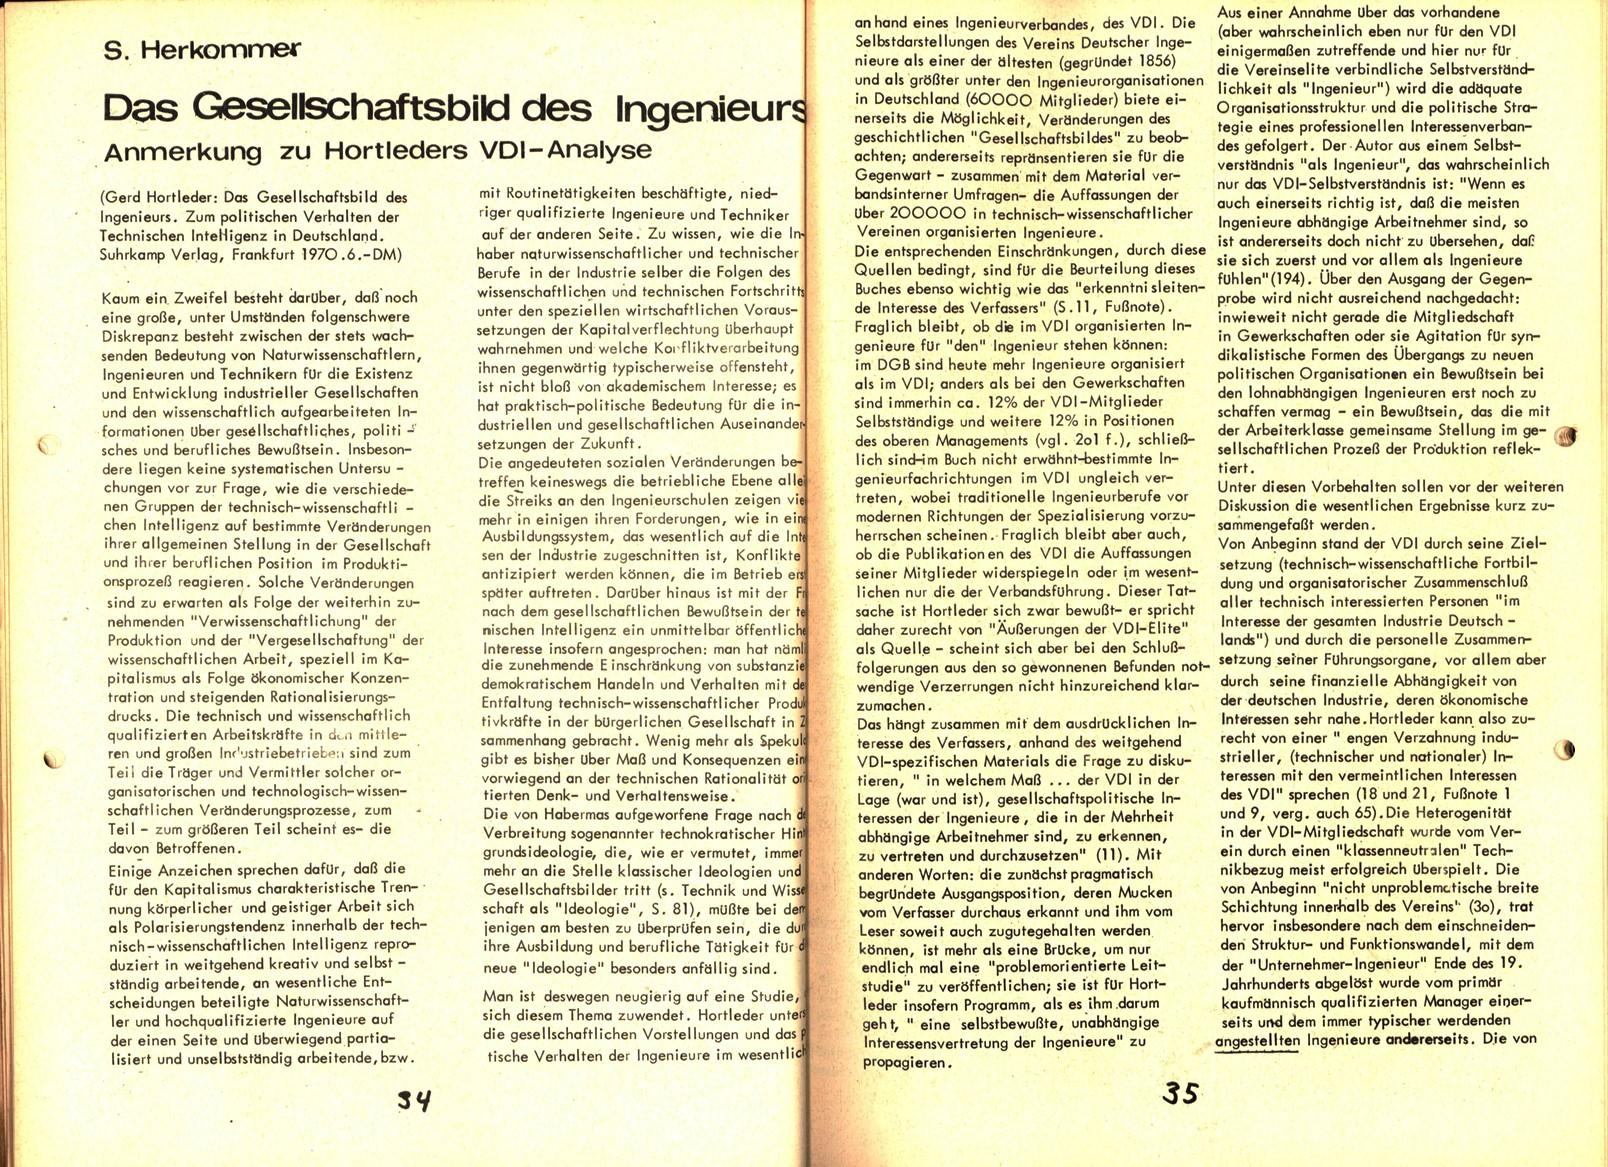 Berlin_Rotzing_1971_Kampfbericht_18